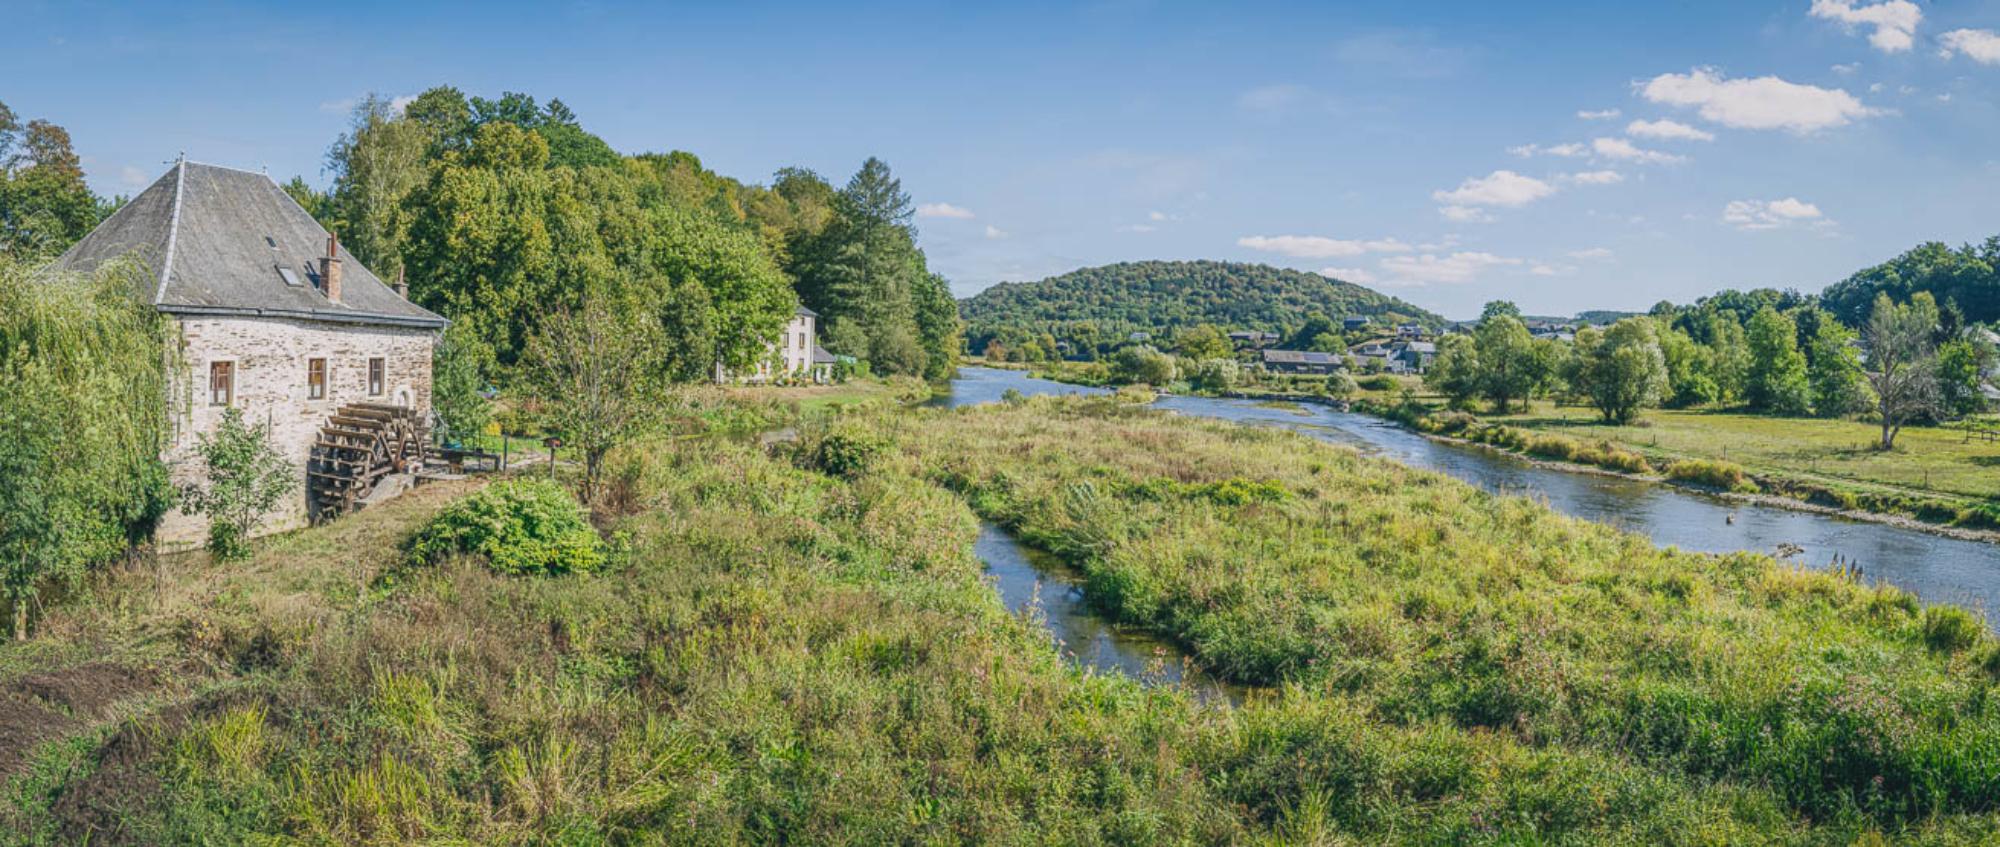 Parc naturel de l'Ardenne méridionale